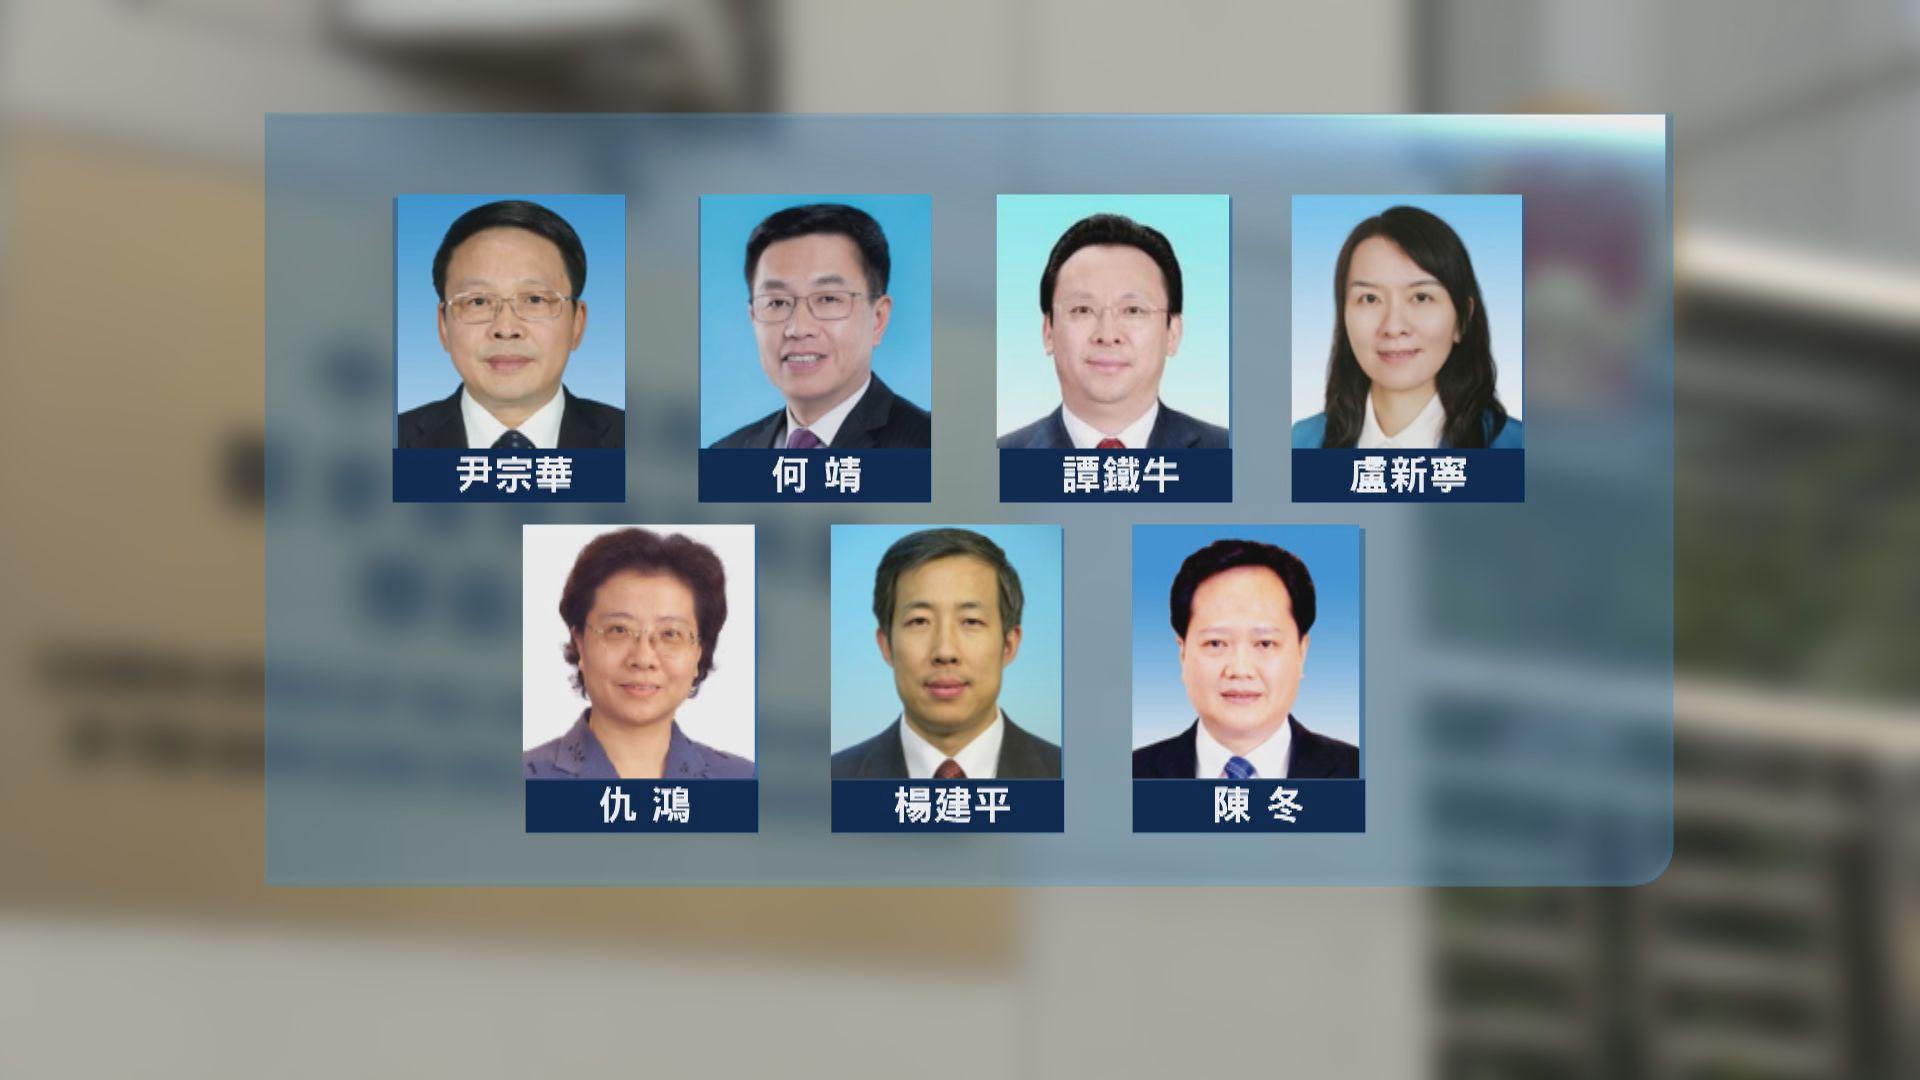 林鄭月娥:美國公然干預中國內政 不能坐視不理